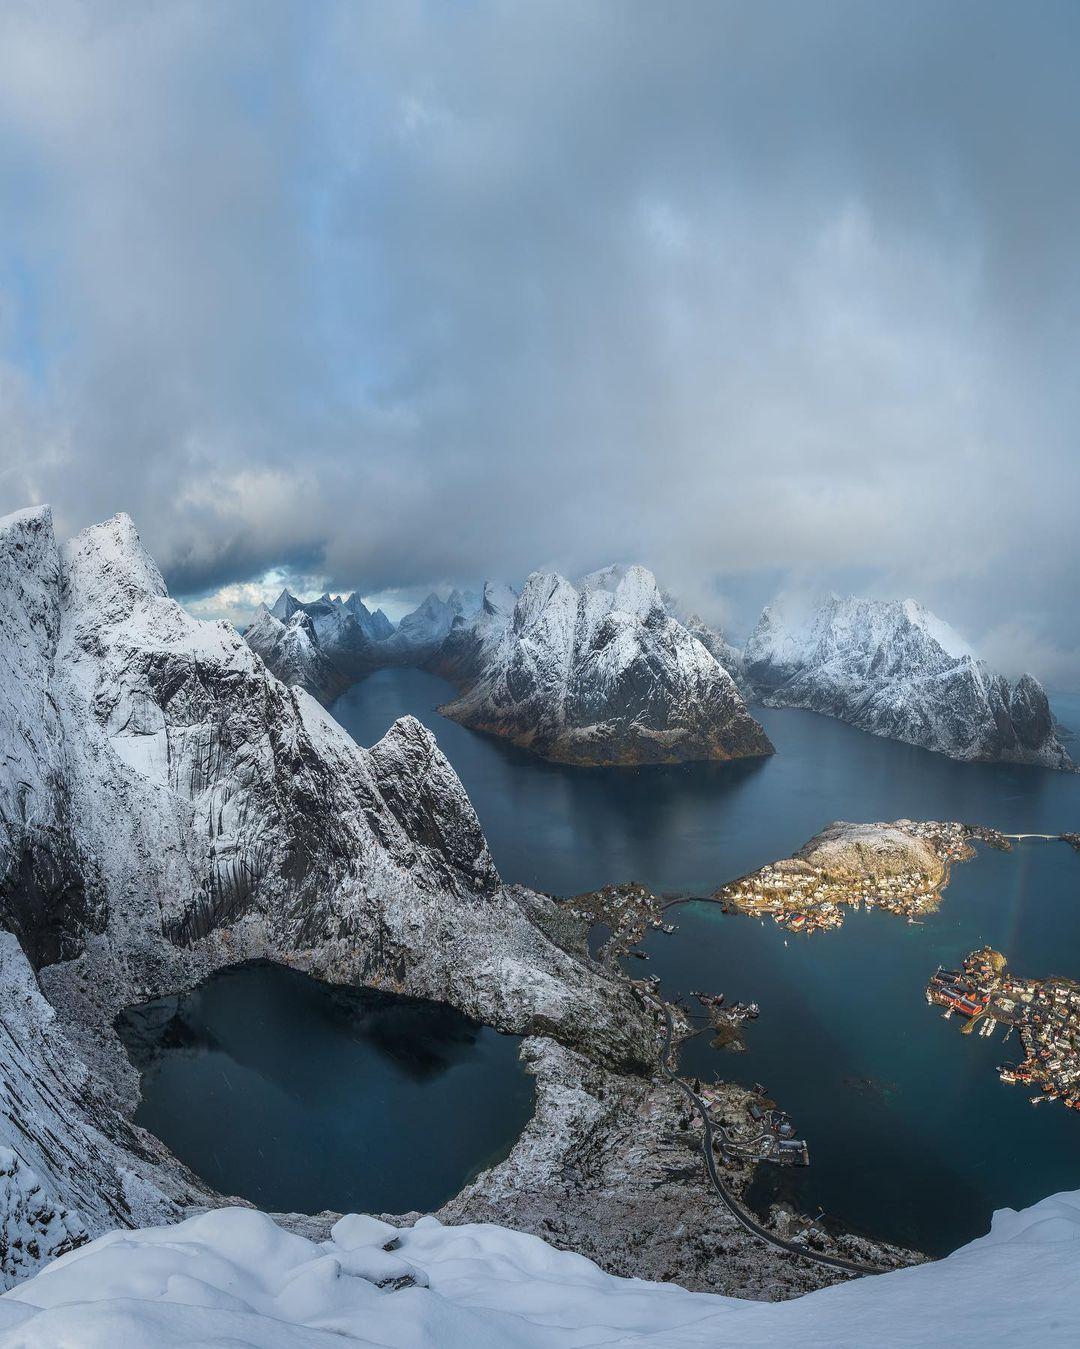 Природа и путешествия на снимках Джорджа Илструпа